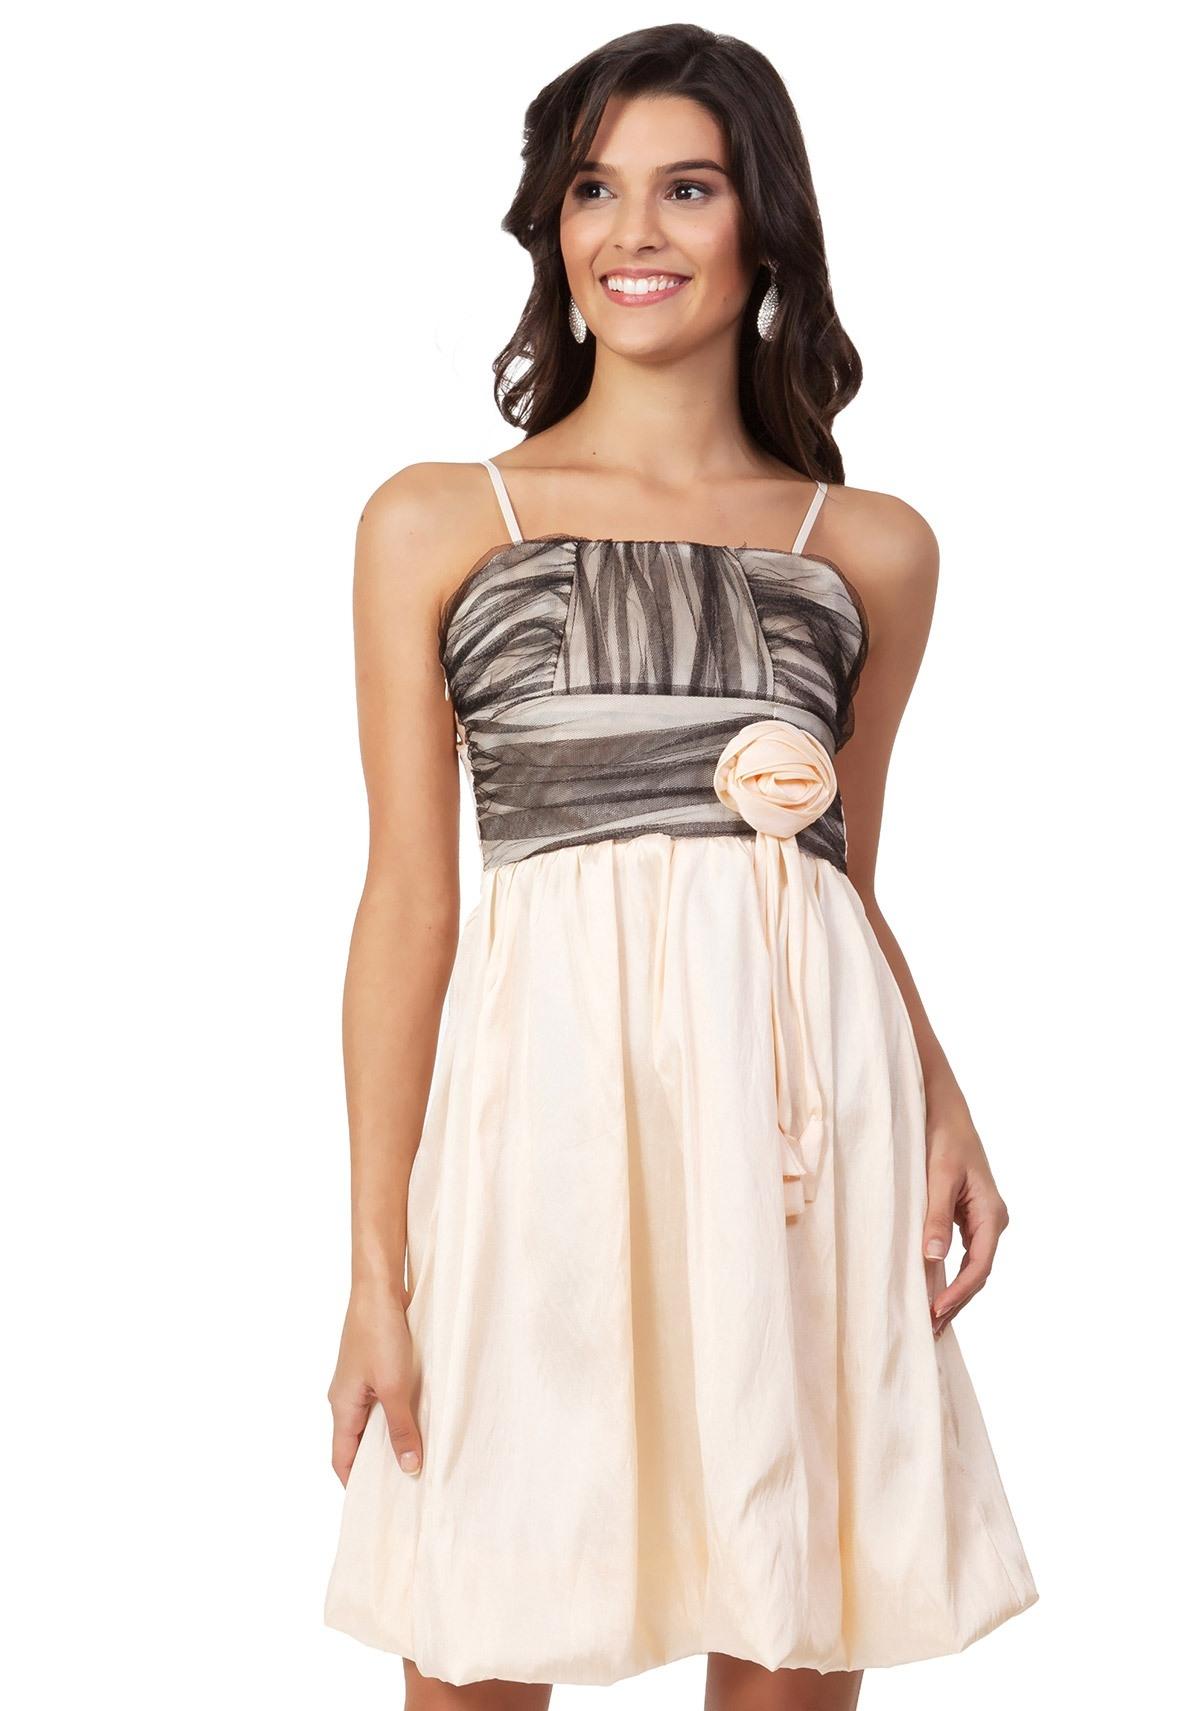 15 Ausgezeichnet Konfirmationskleider Rosa Galerie20 Top Konfirmationskleider Rosa Design